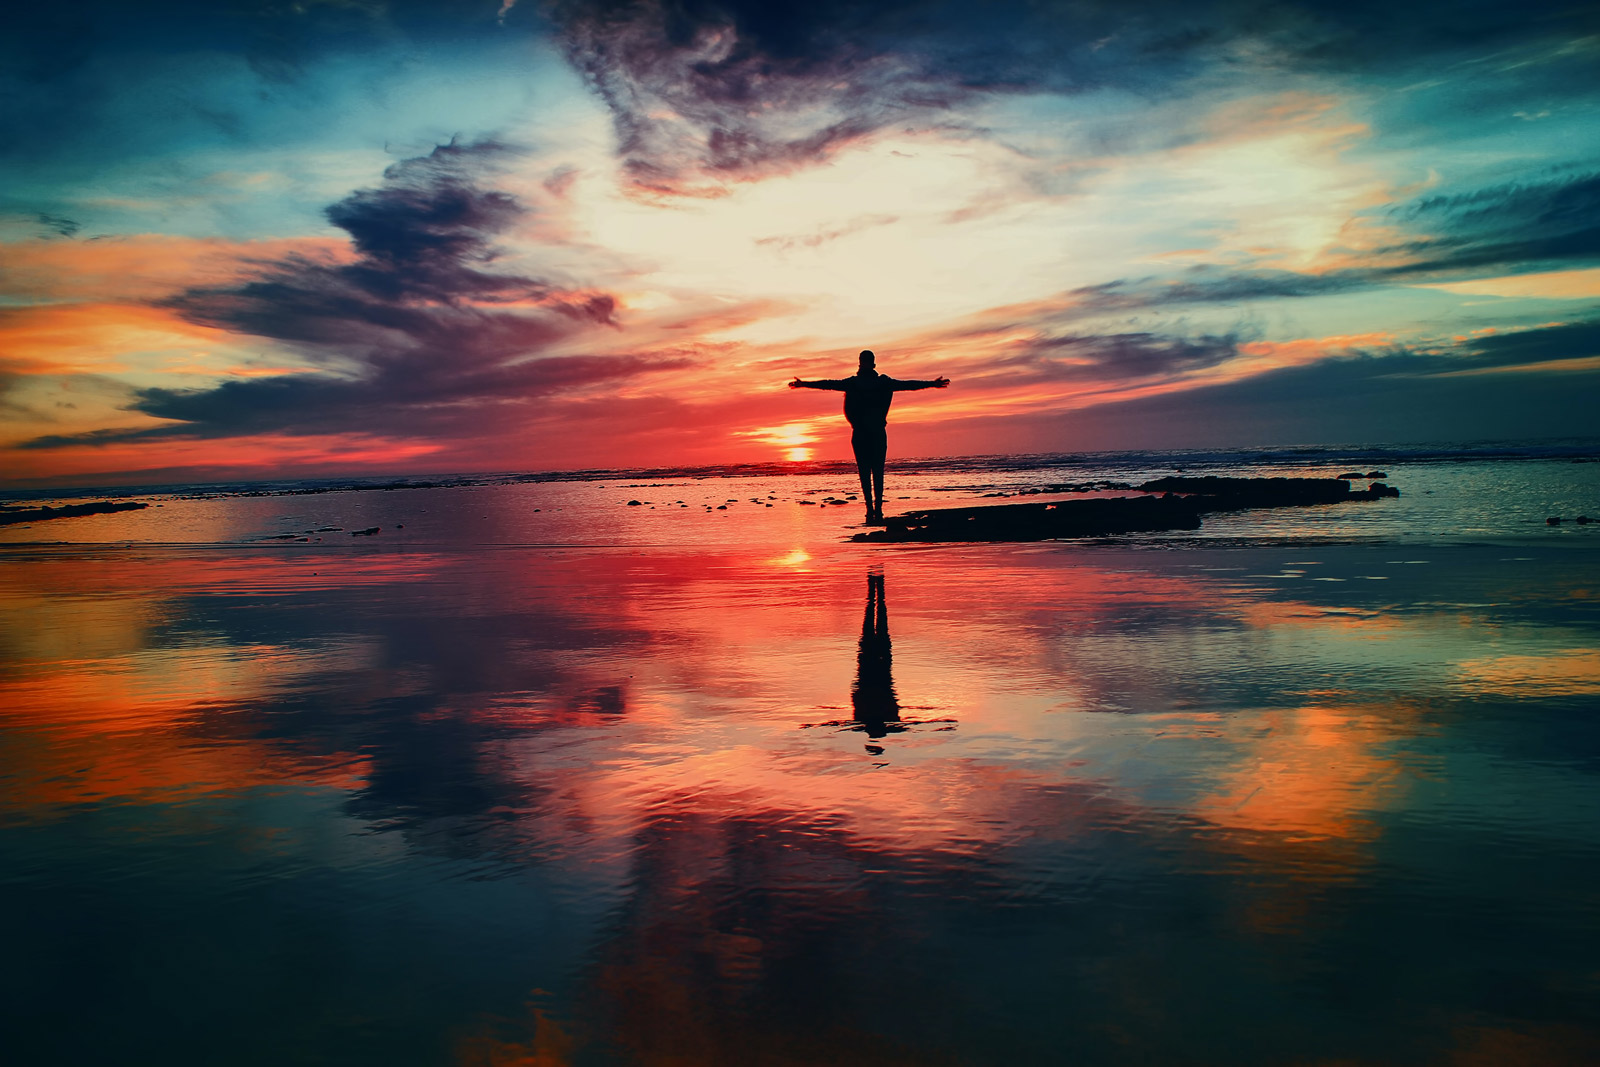 Ein Mensch steht mit offenen Armen am Wasser während die Sonne untergeht und das Firmament in bunte Farben hüllt